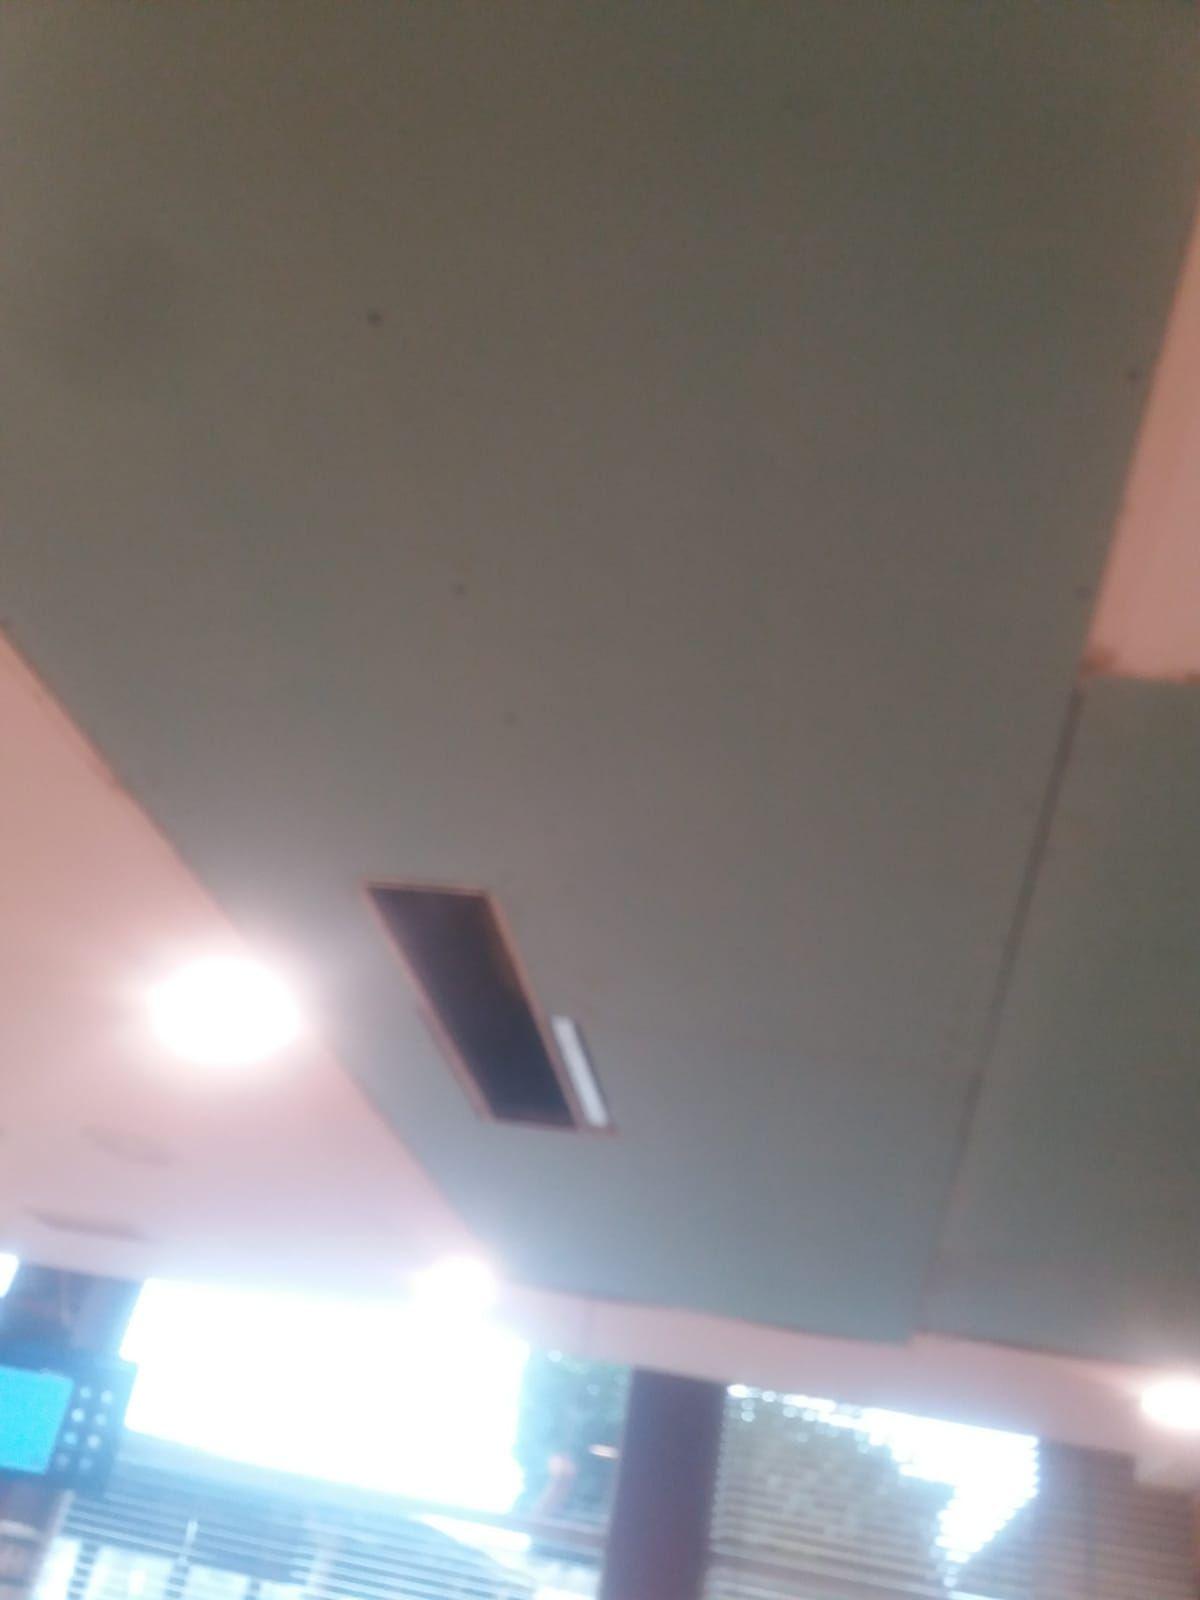 instalaciones de conductos y ventilación